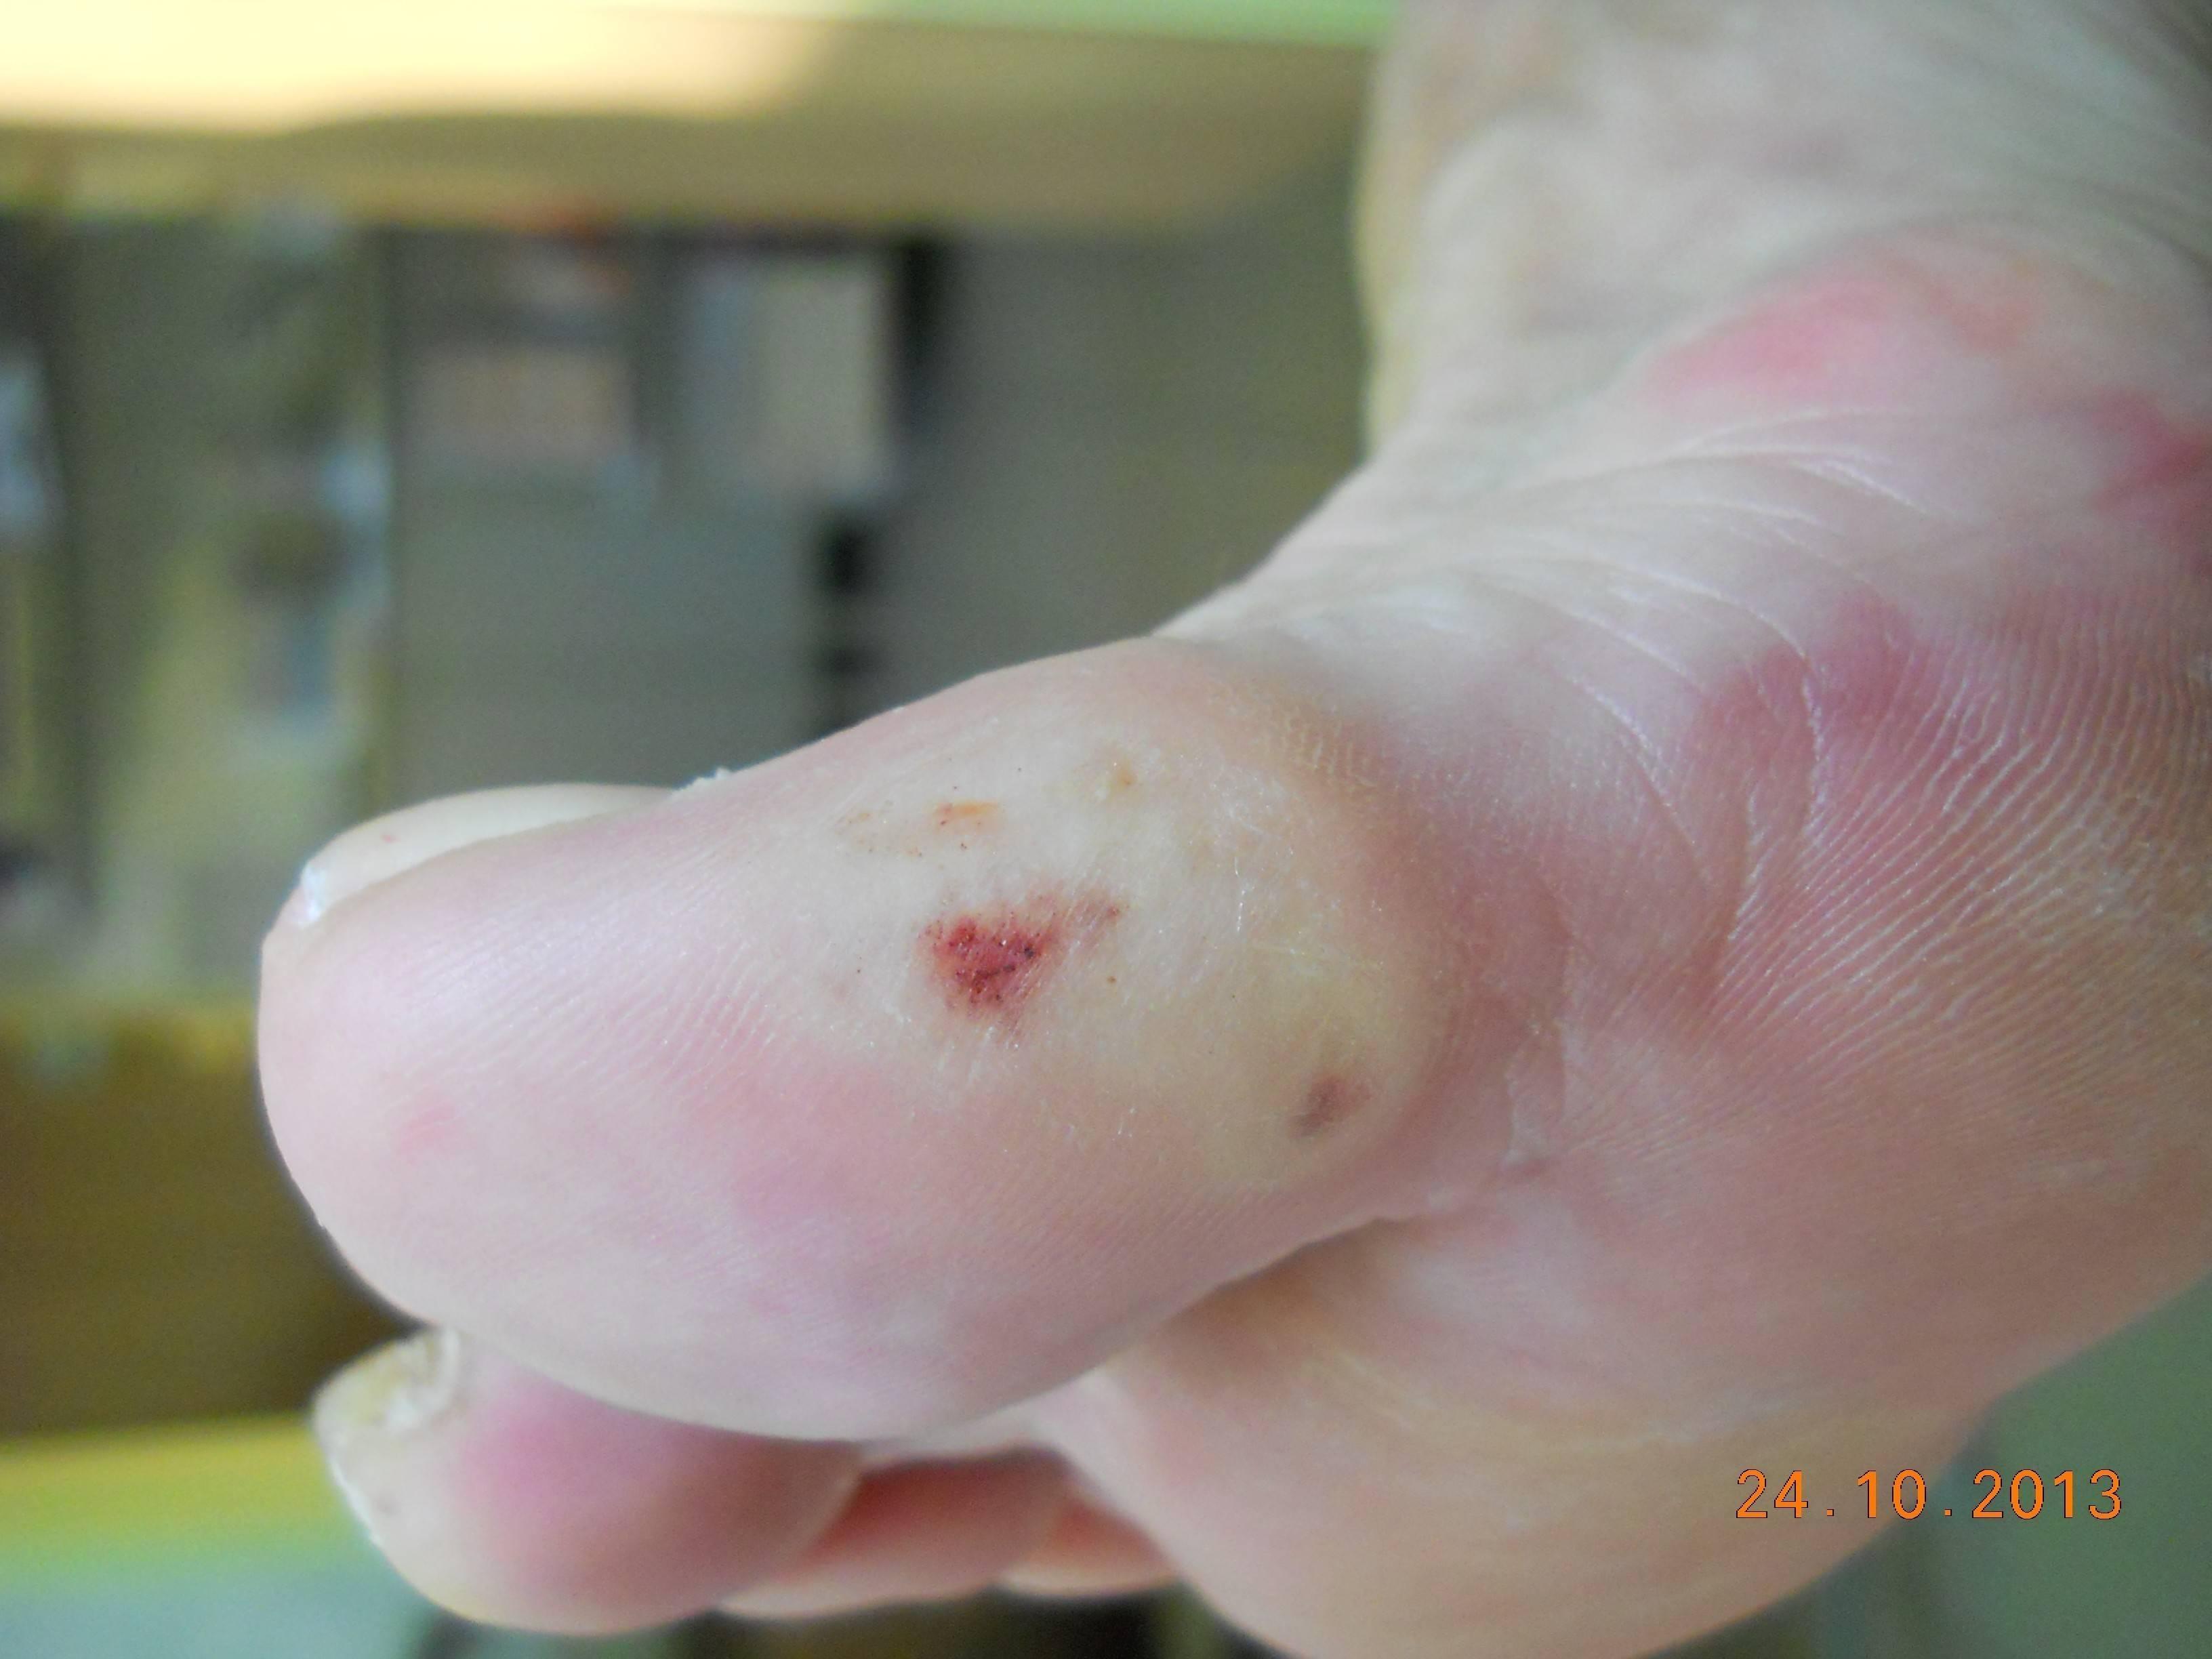 krwiak śródtkankowy w ZSC - po zabiegu